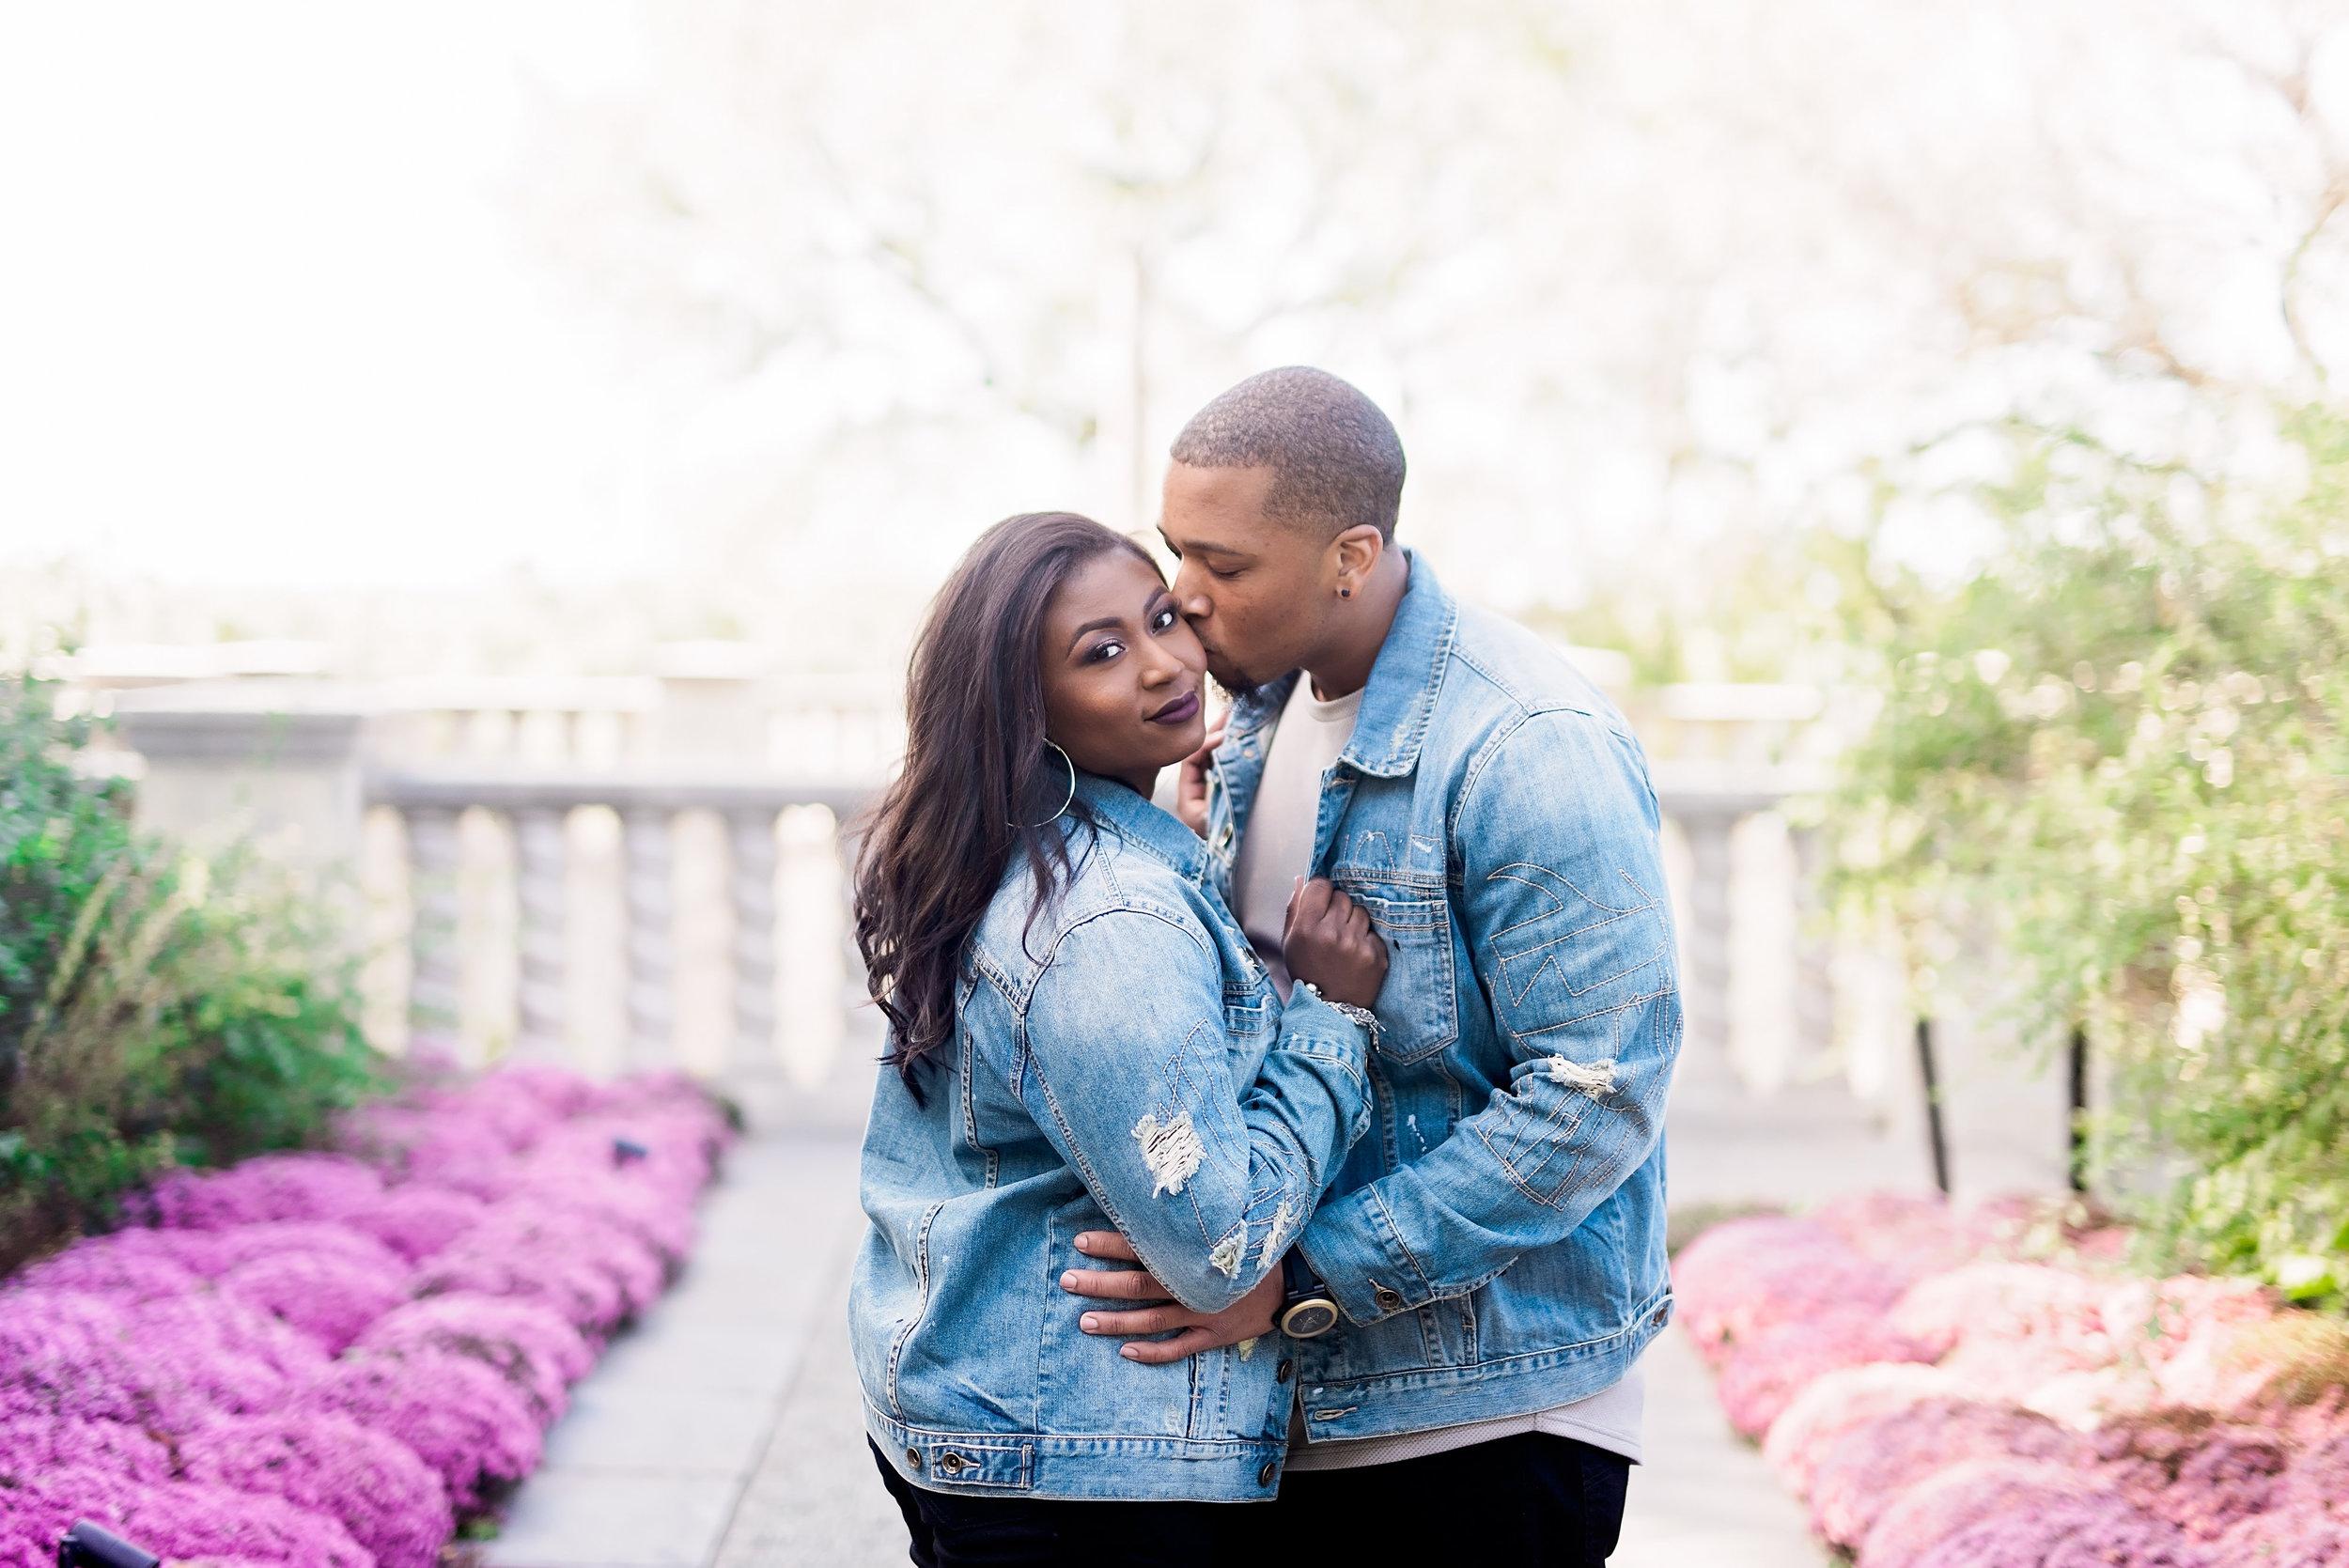 Kevin-Adriana-Pharris-Photography-Engagement-Photoshoot-8.jpg